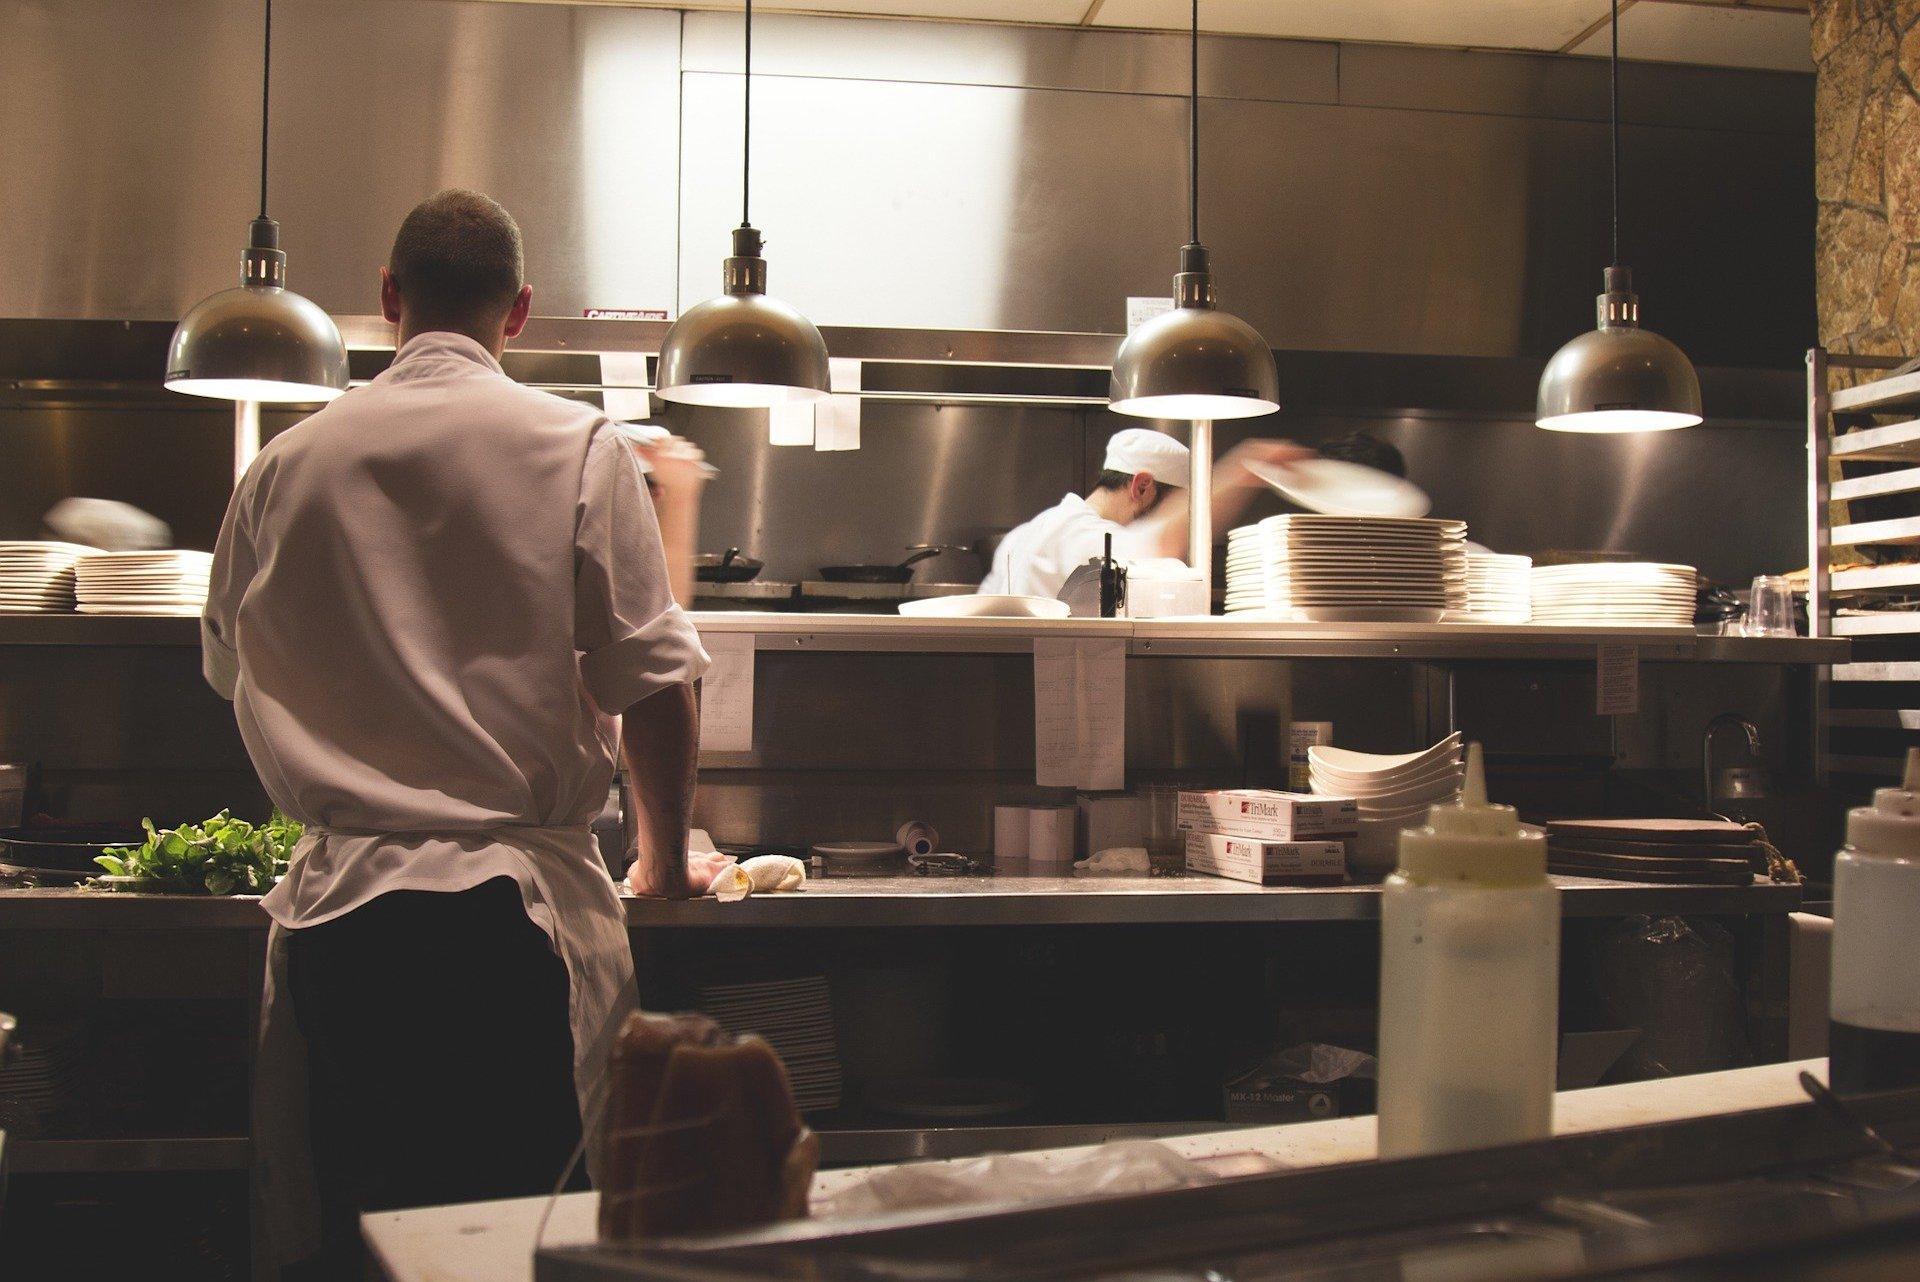 violences féminines en cuisine